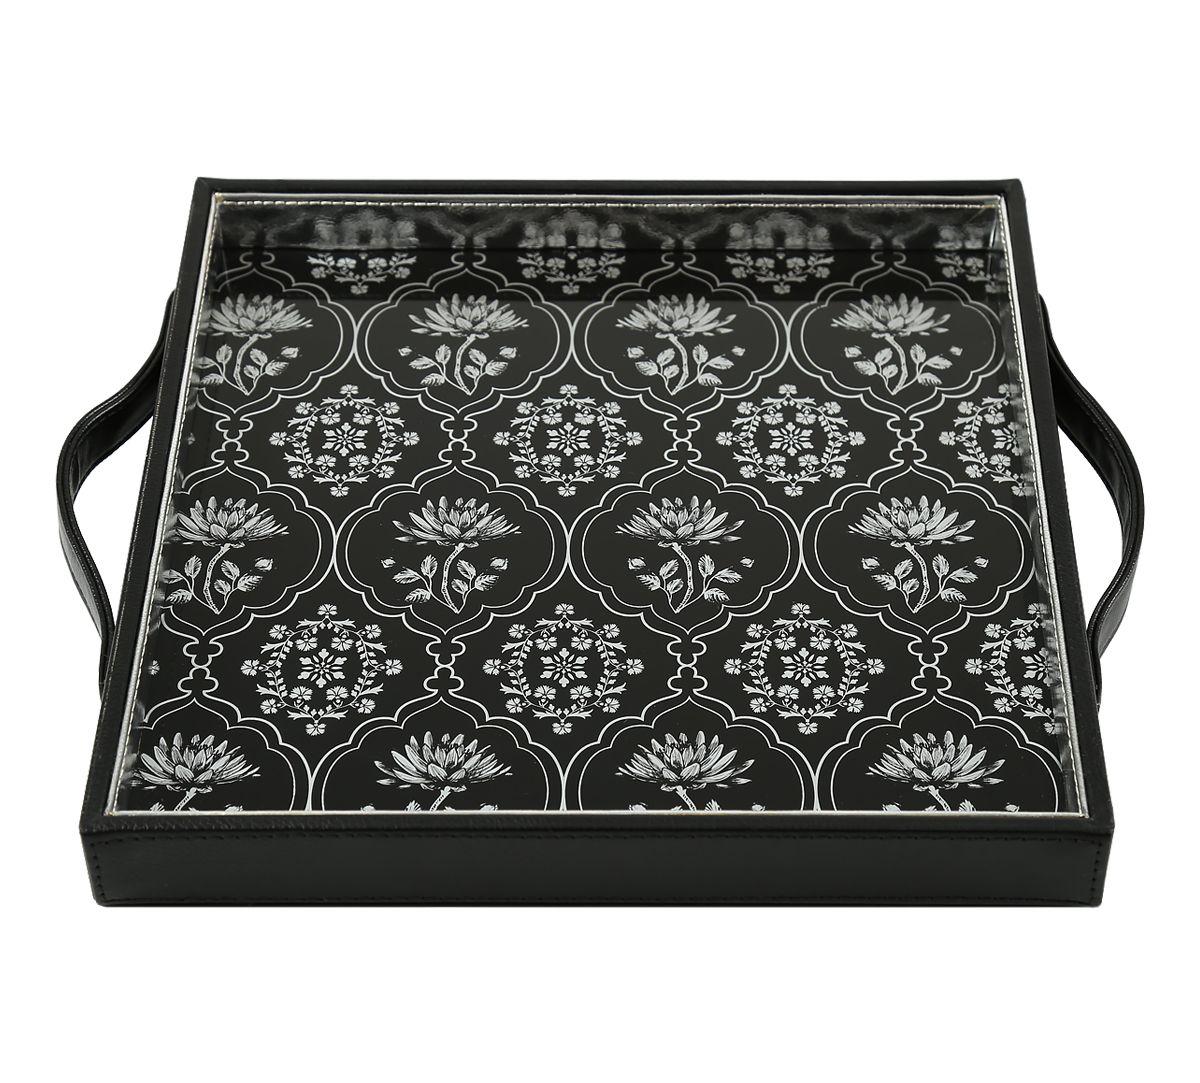 India Circus Monochrome Lotus Reiteration Leather Tray